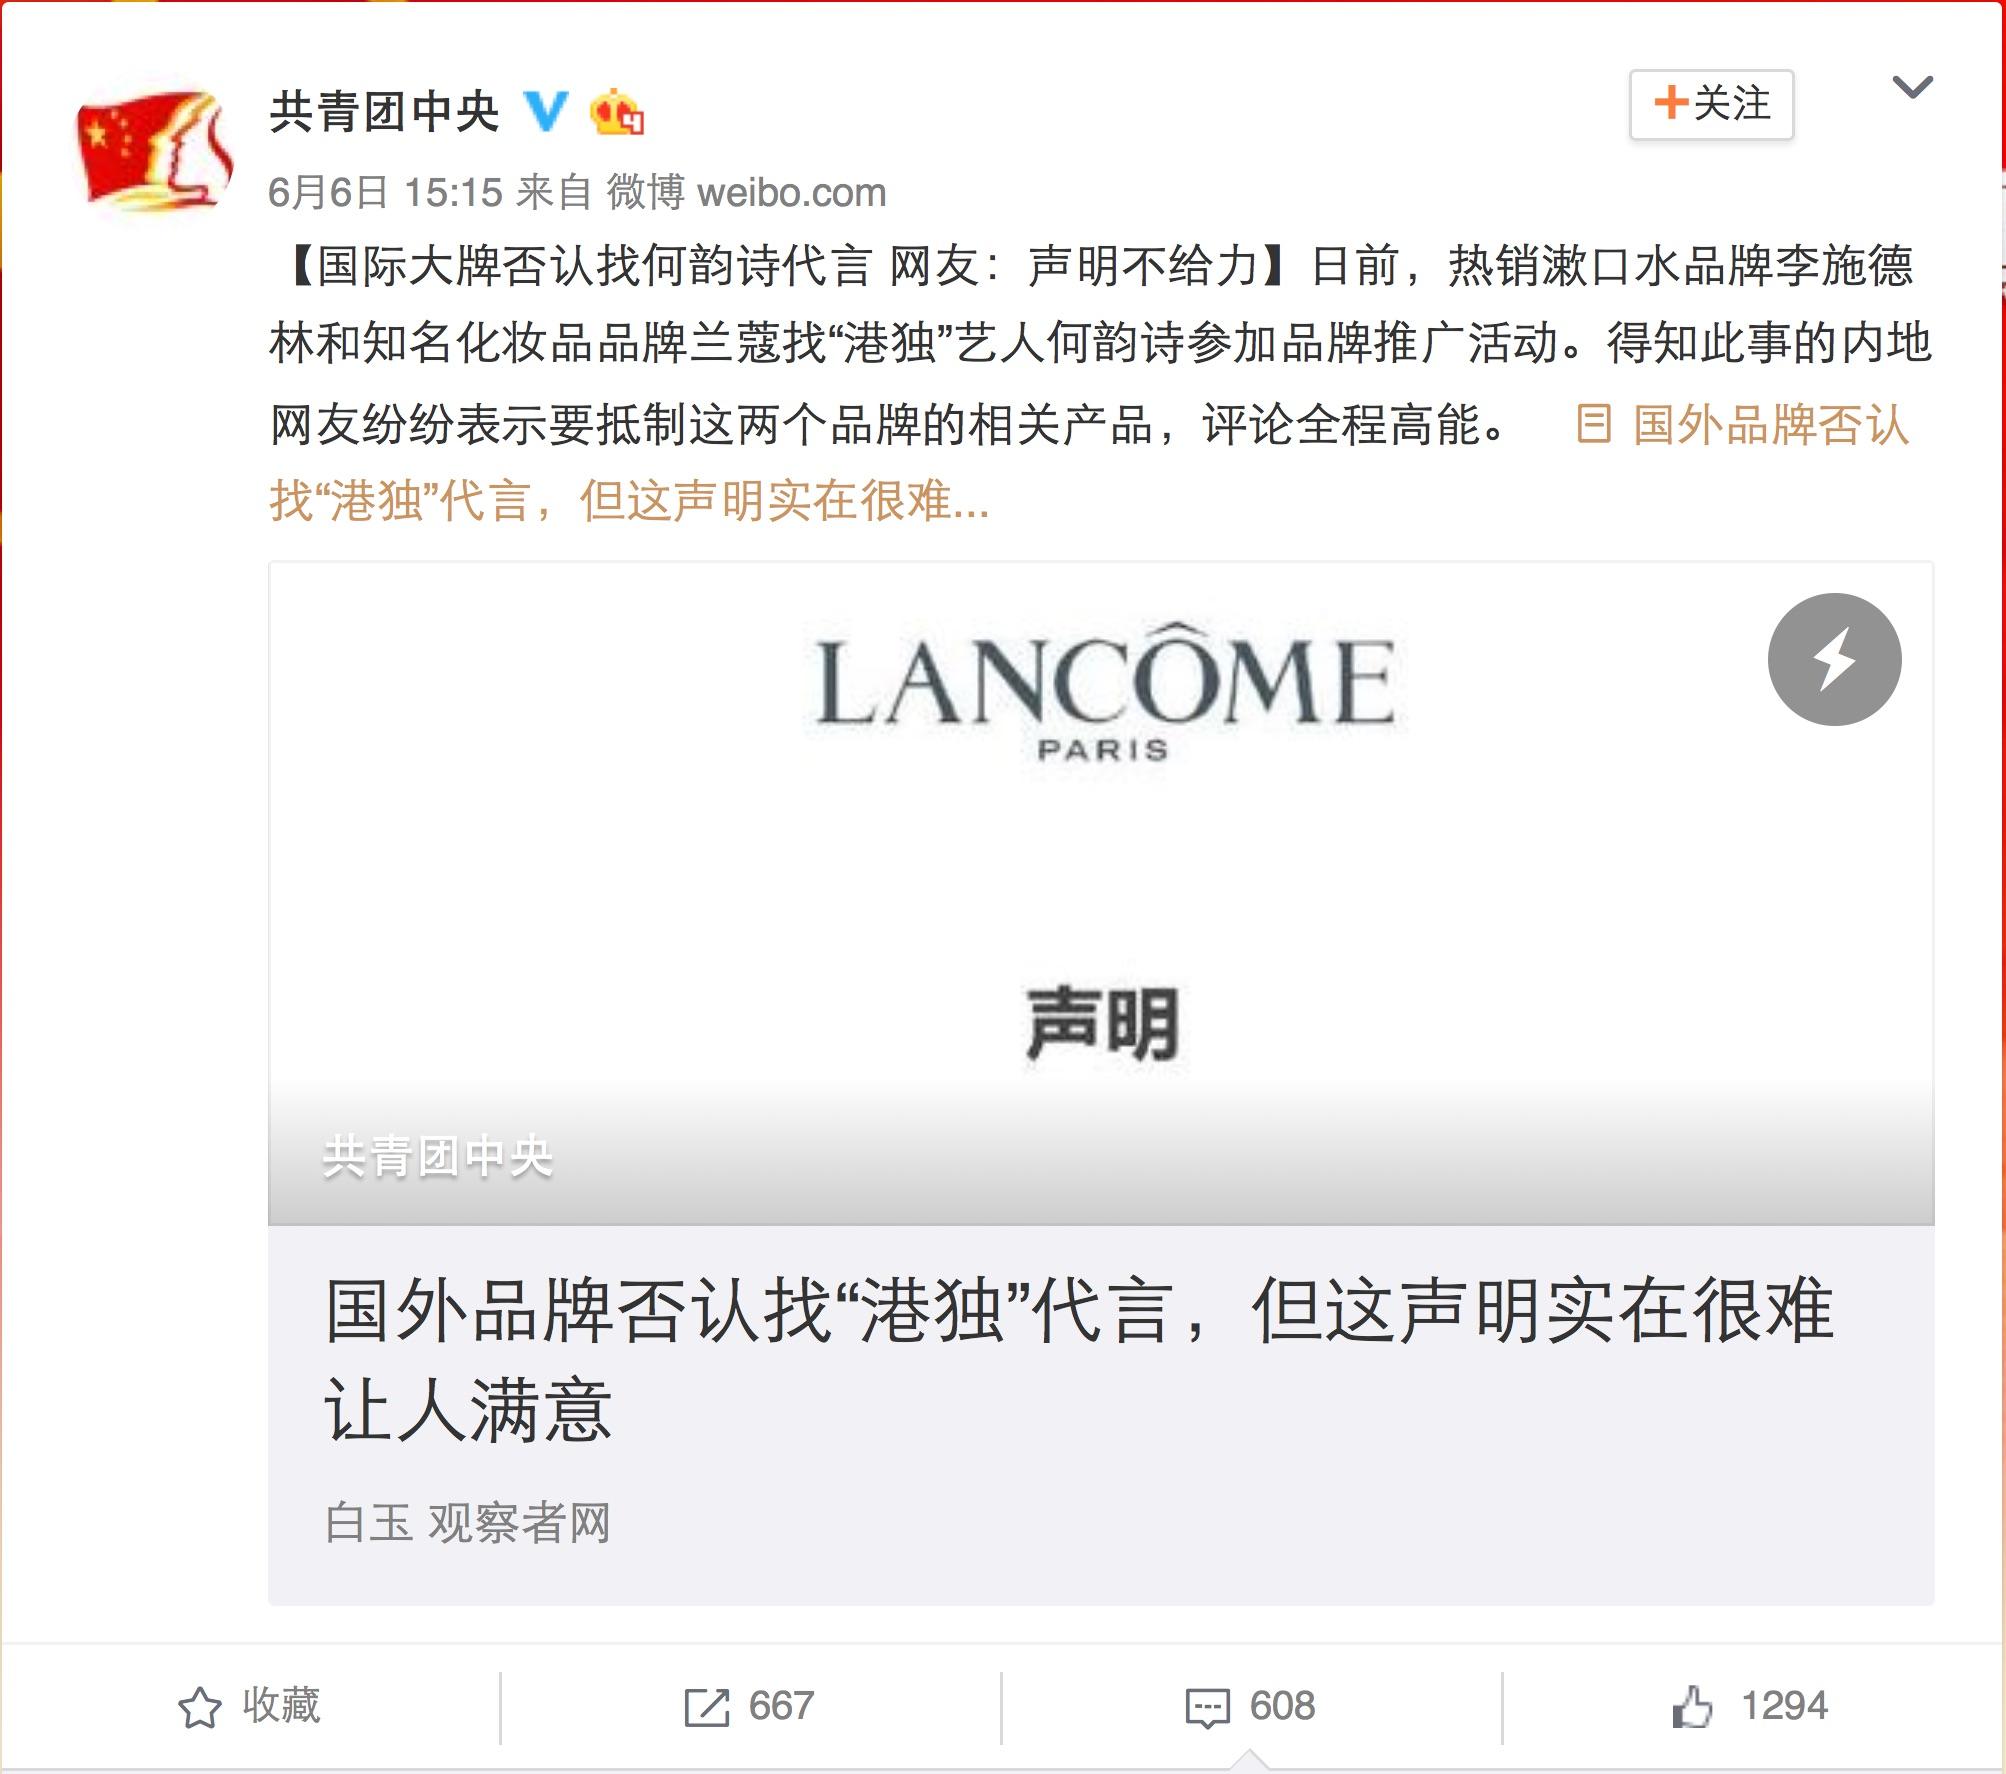 共青团中央新浪微博账号截图